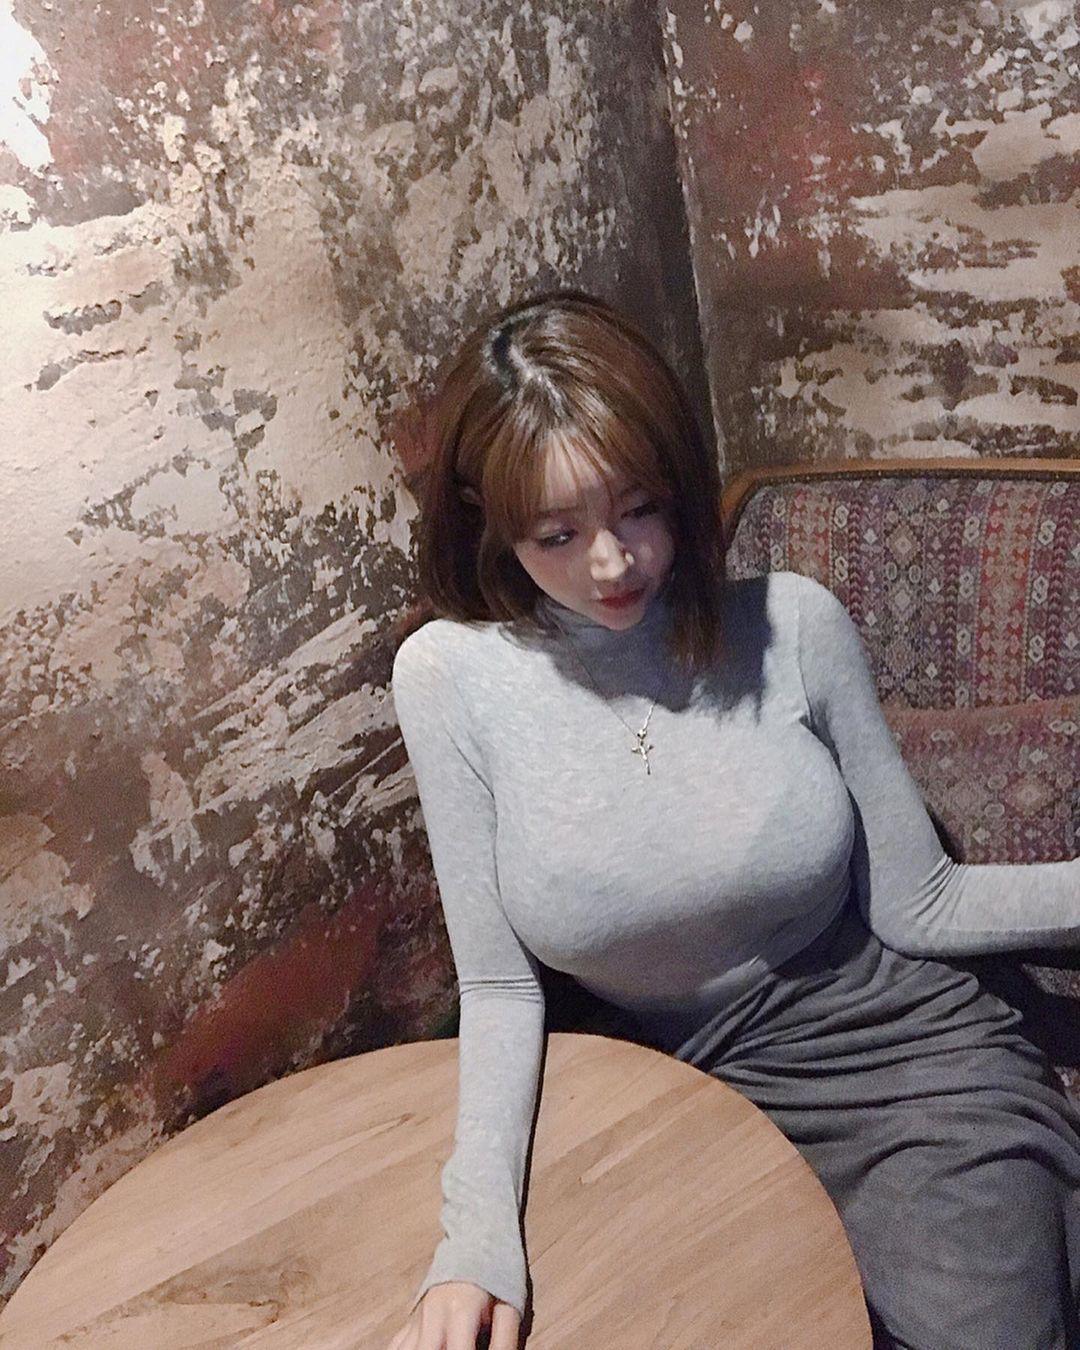 咖啡厅性感姊姊极品视角好迷人@___jummm___ 男人文娱 热图2